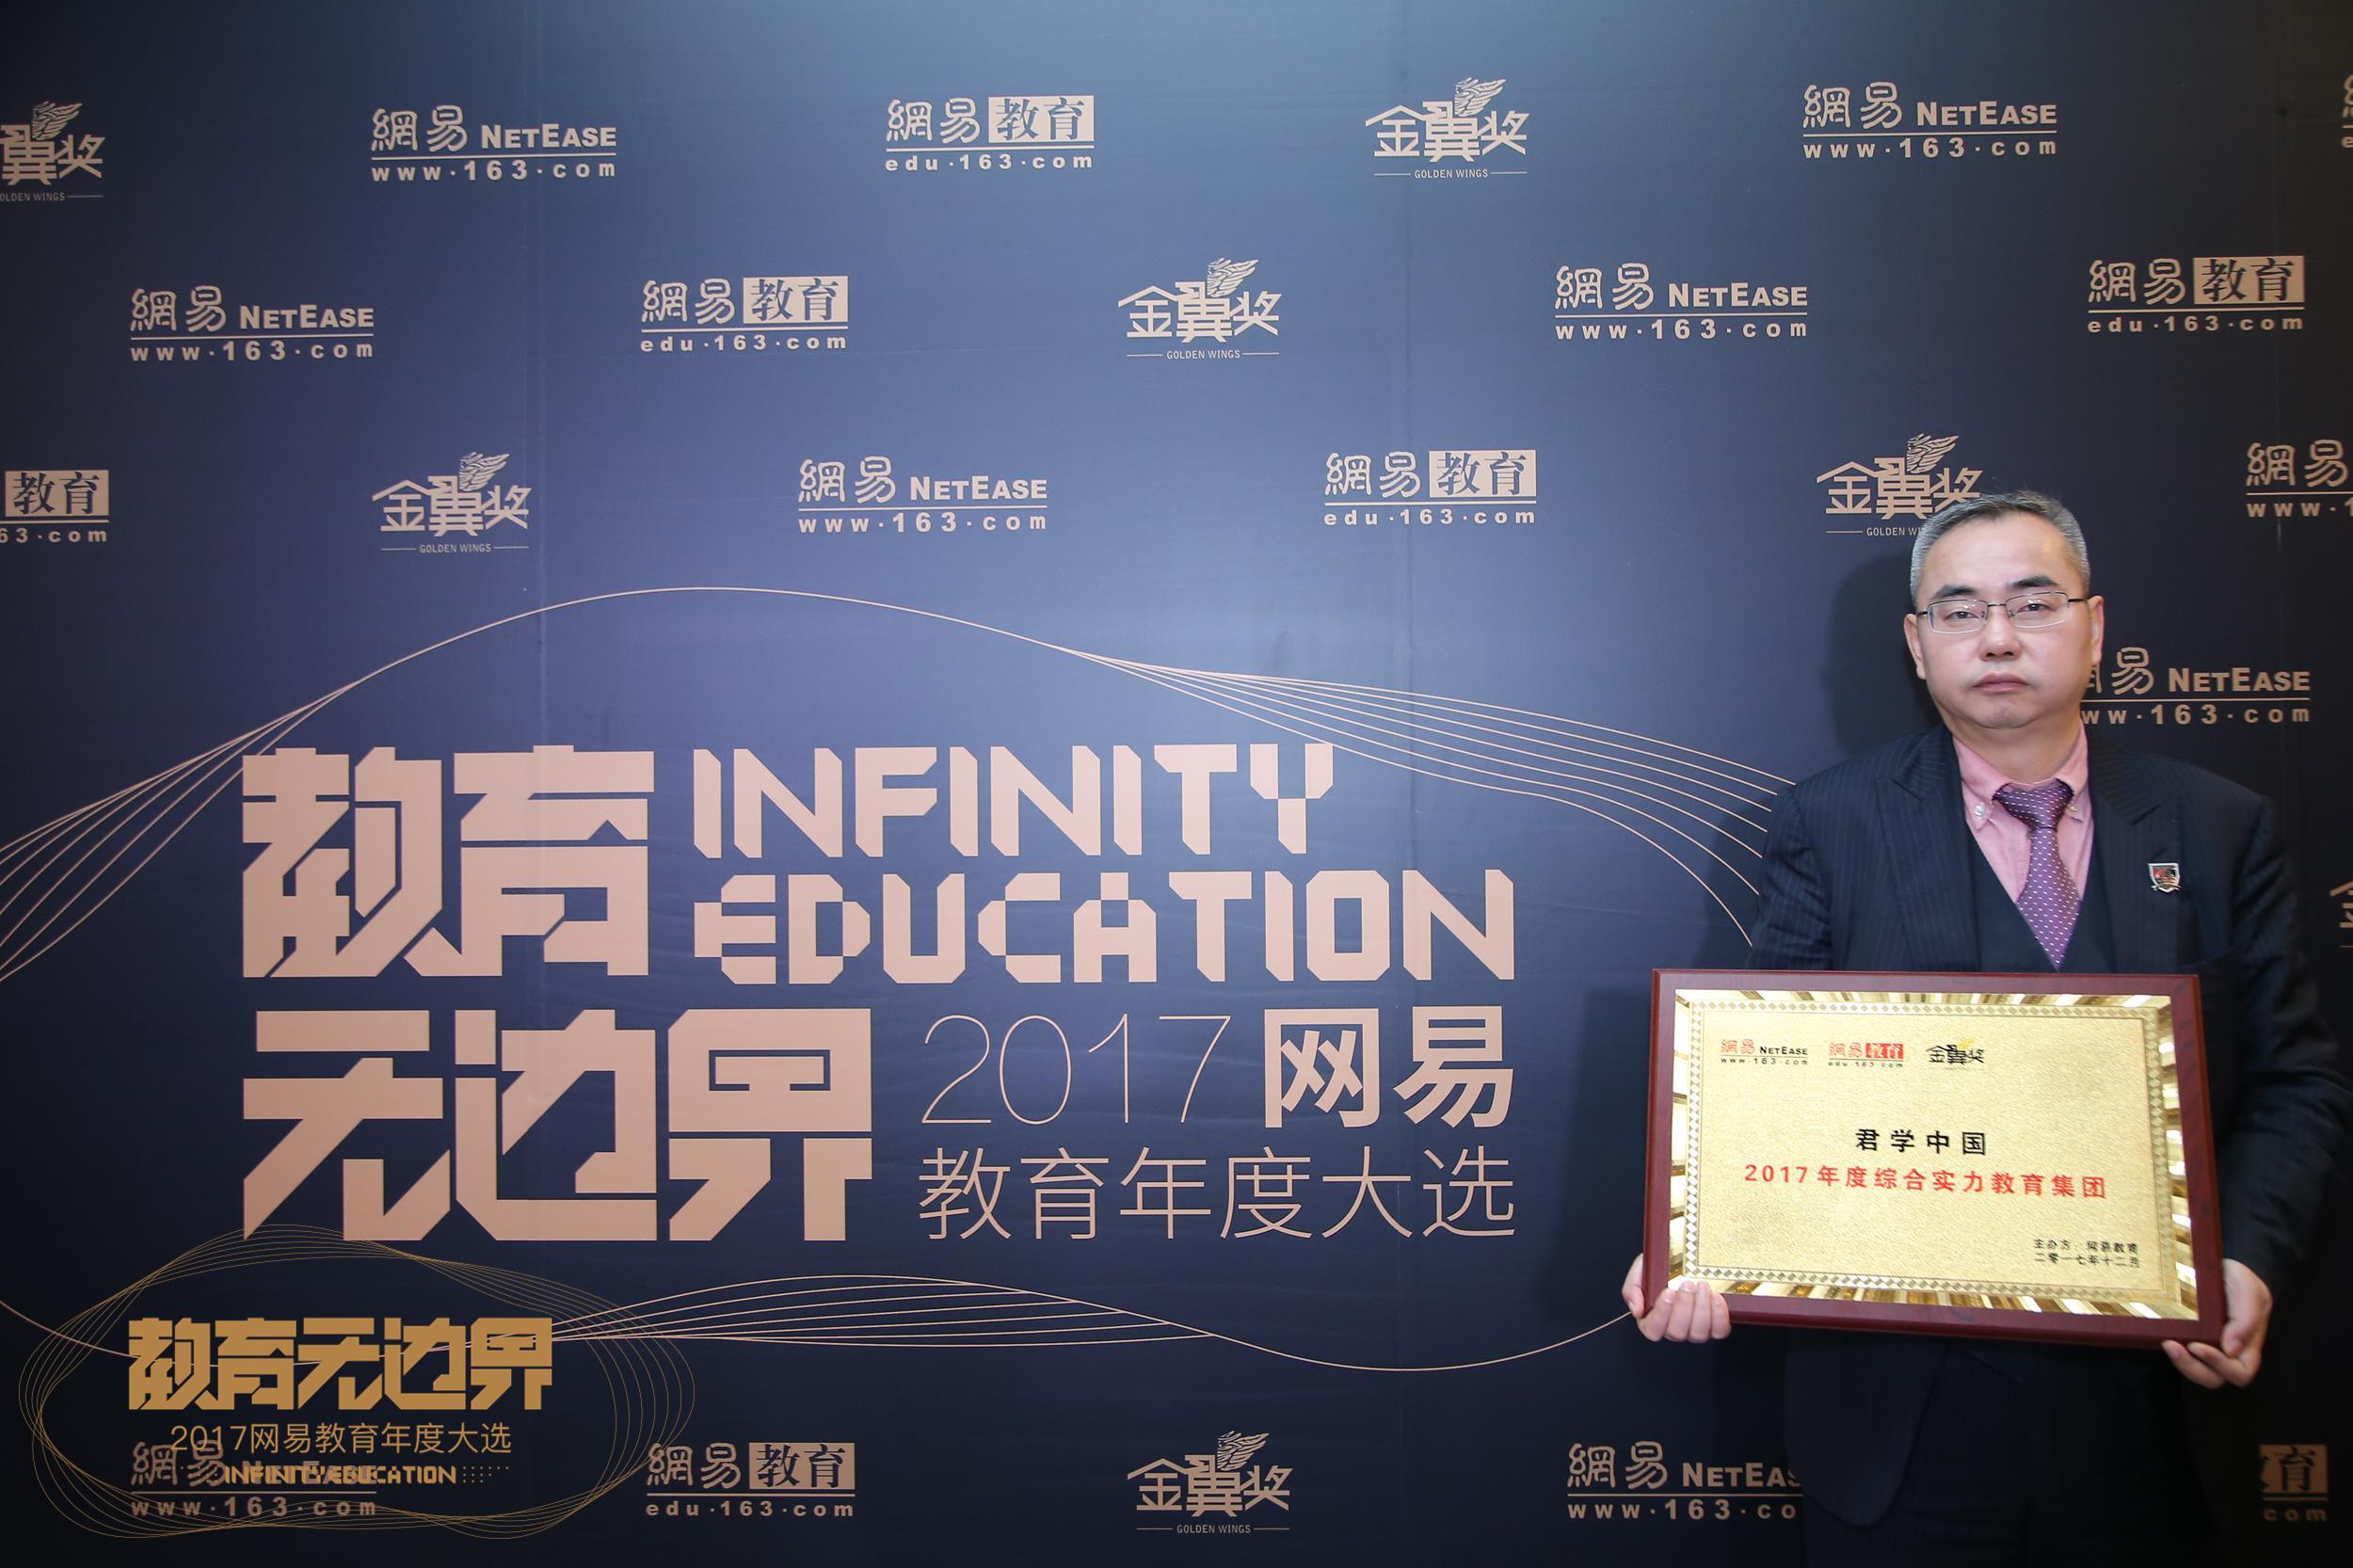 君学中国周俊:打造教育平台 教育也能共享